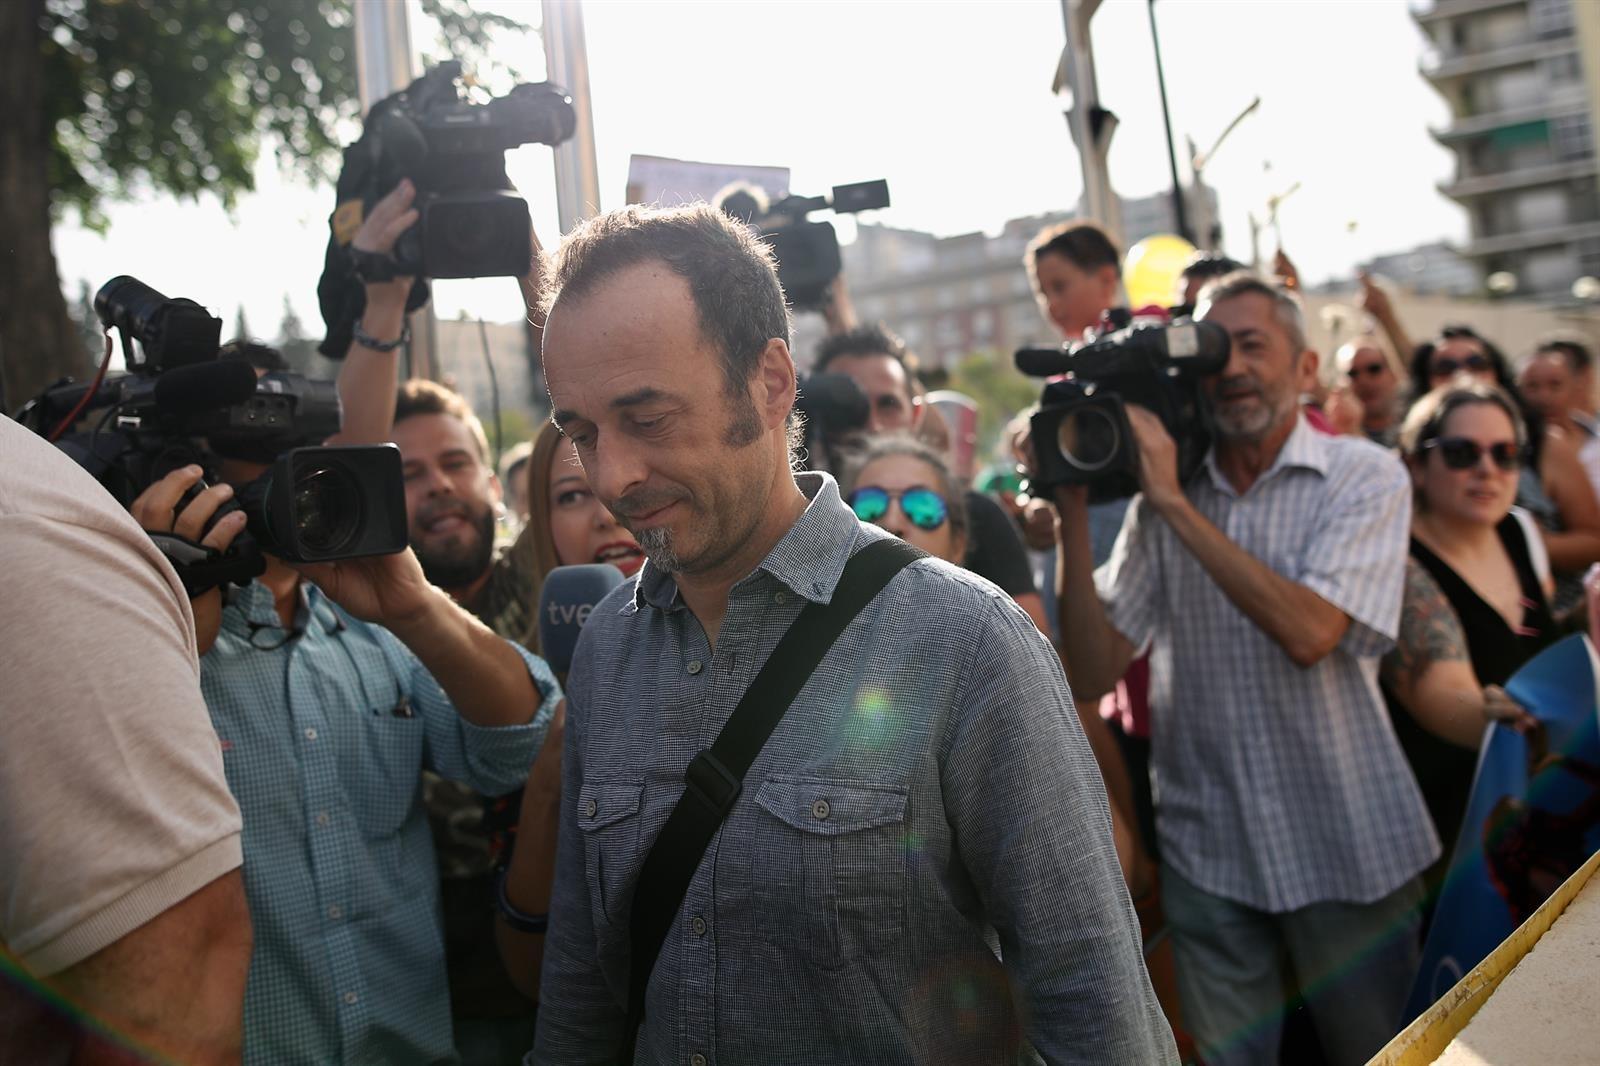 La expareja de Rivas tomará medidas tras la denuncia por maltrato y confía en el regreso a Italia de los niños